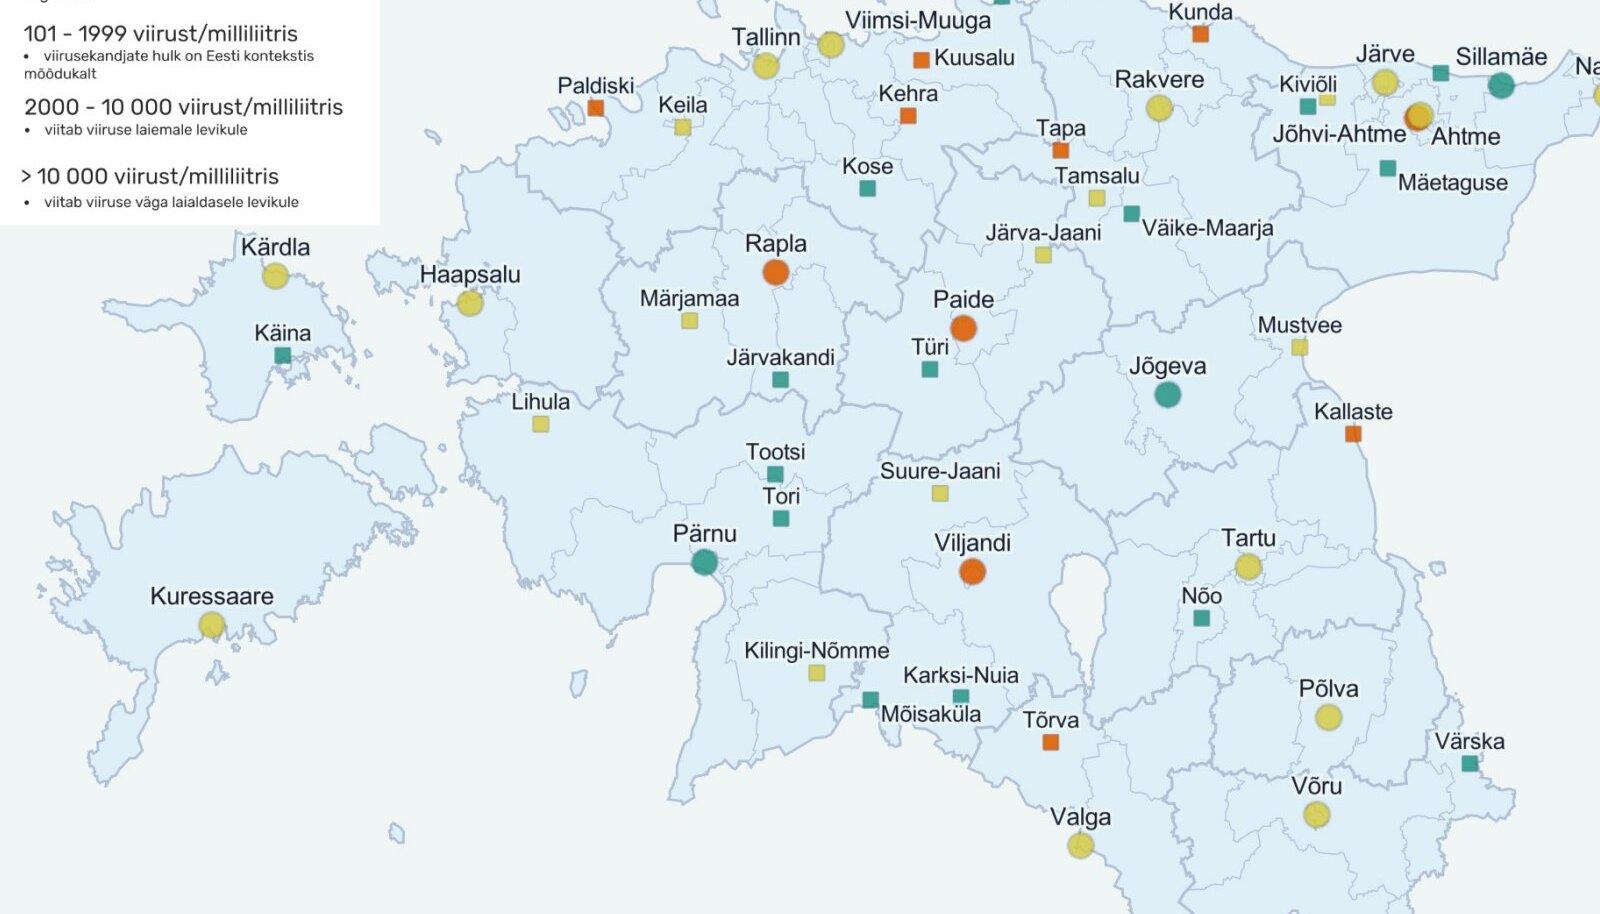 Reoveeuuringu tulemused 16.-20. augustil